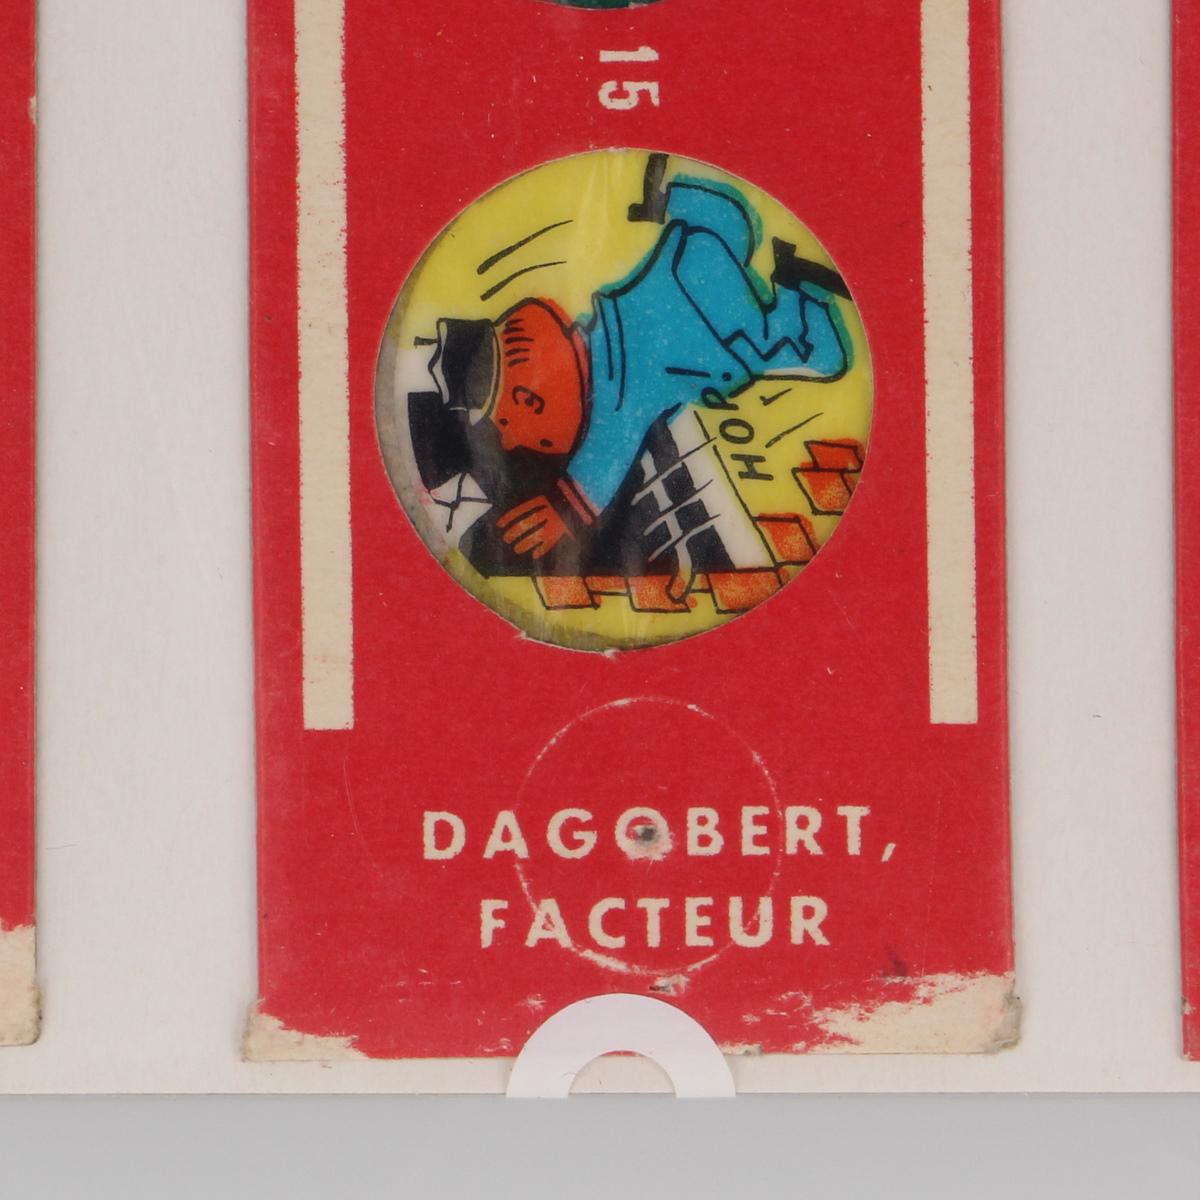 Afbeeldingen van Cinébana - Dagobert, facteur